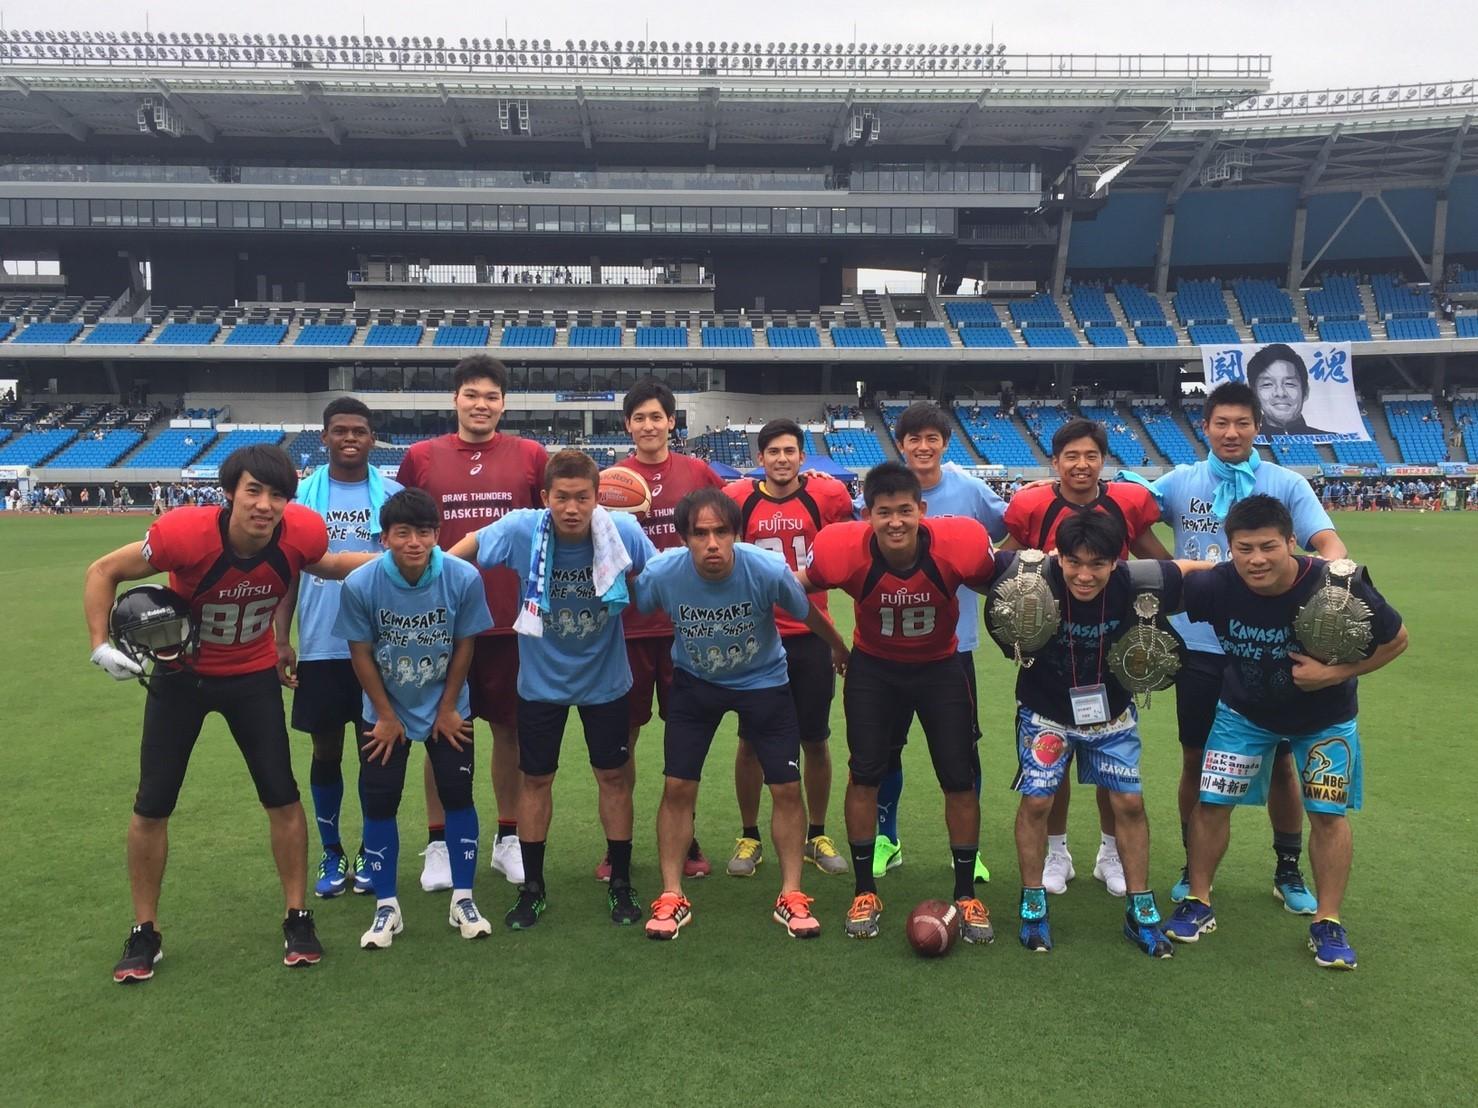 川崎フロンターレ 2017ファン感謝デー